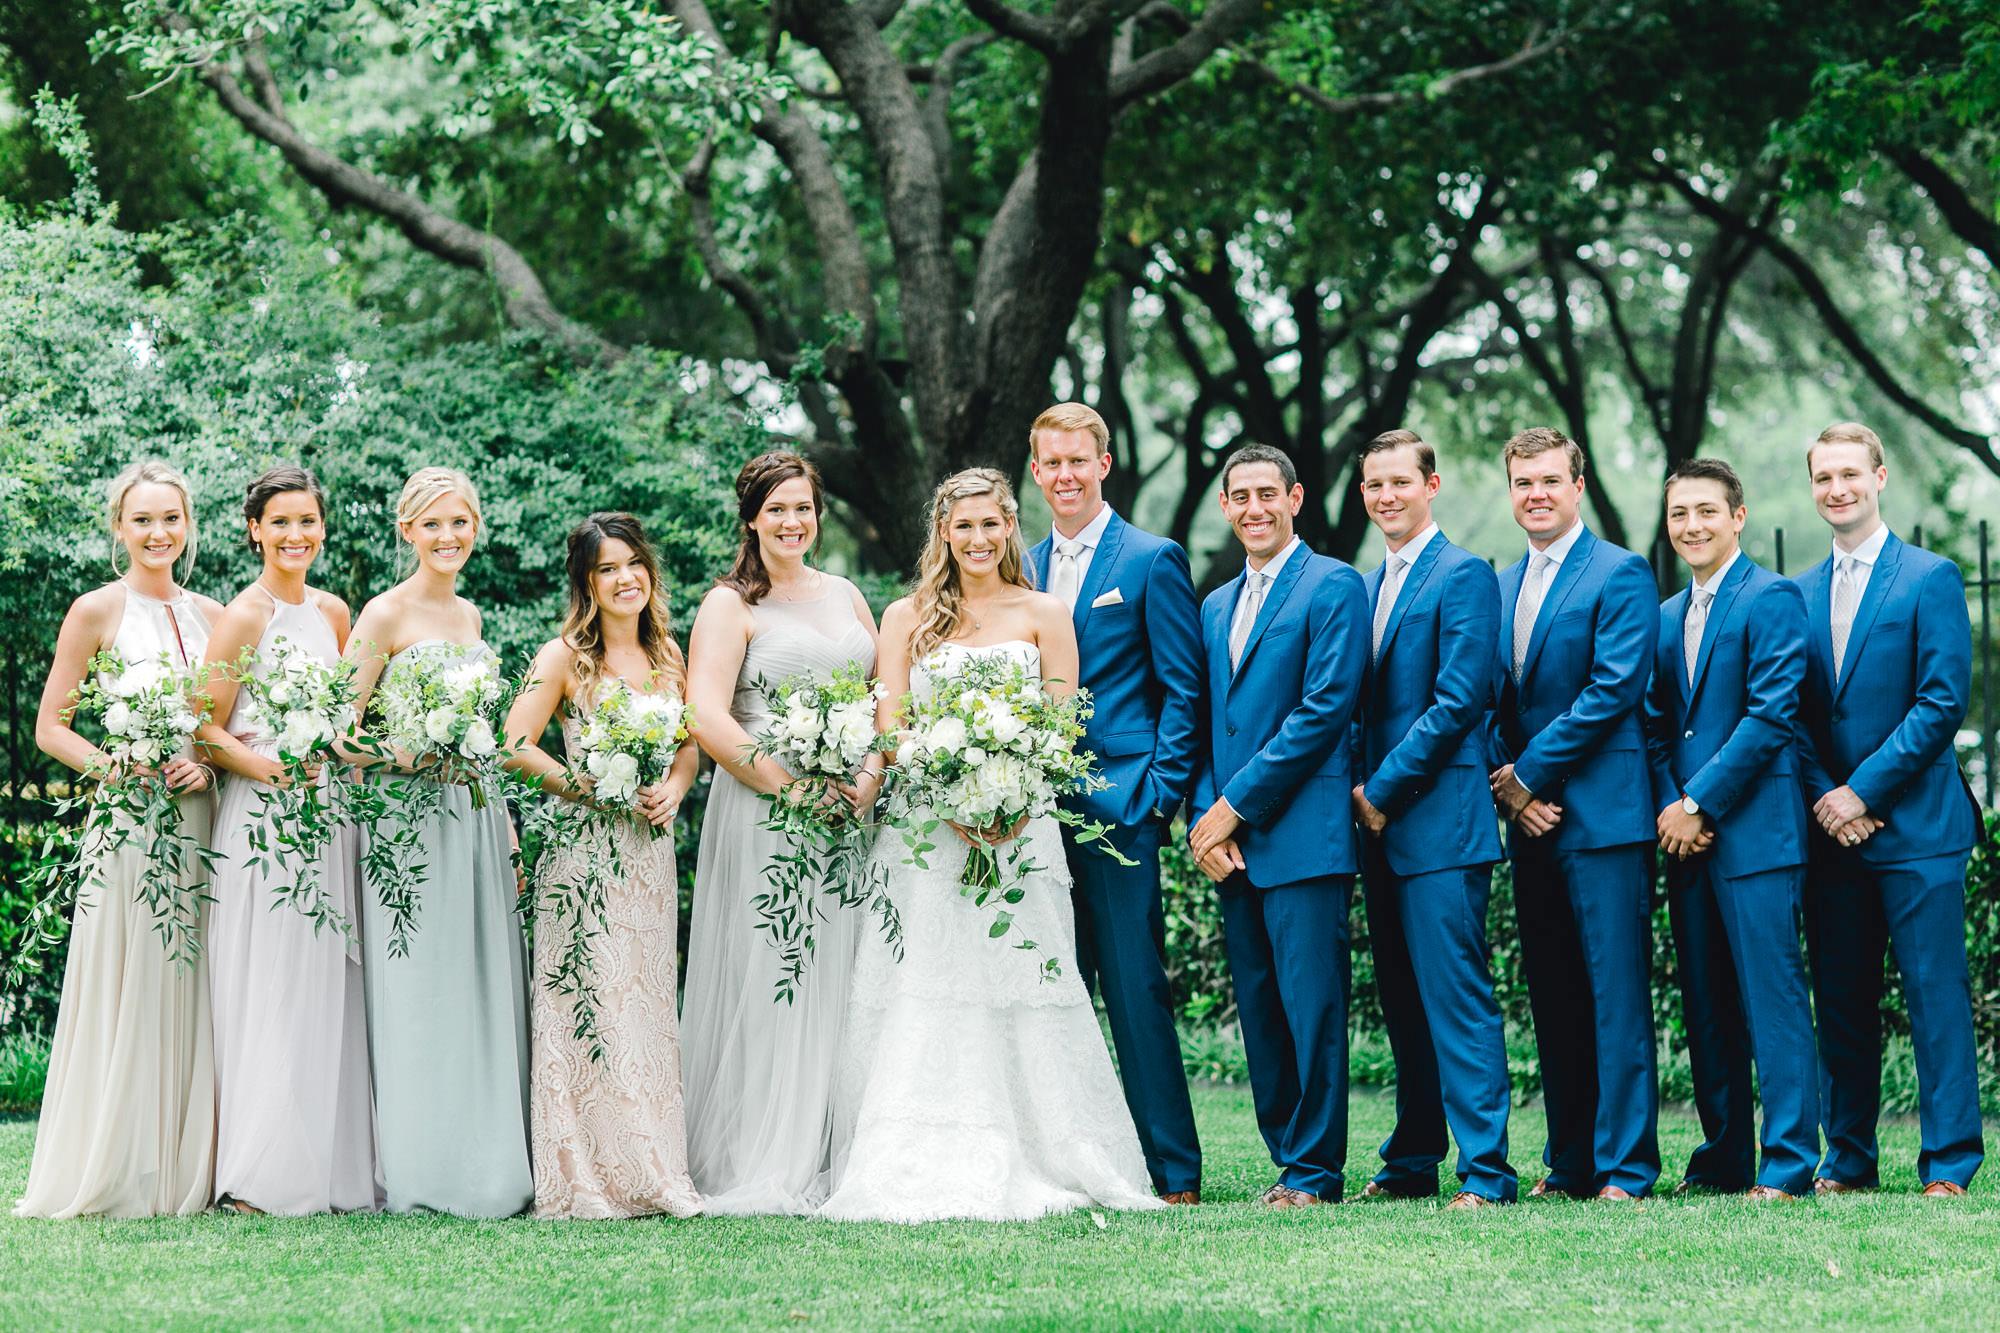 addie-michael-dallas-arboretum-weddings0032.jpg